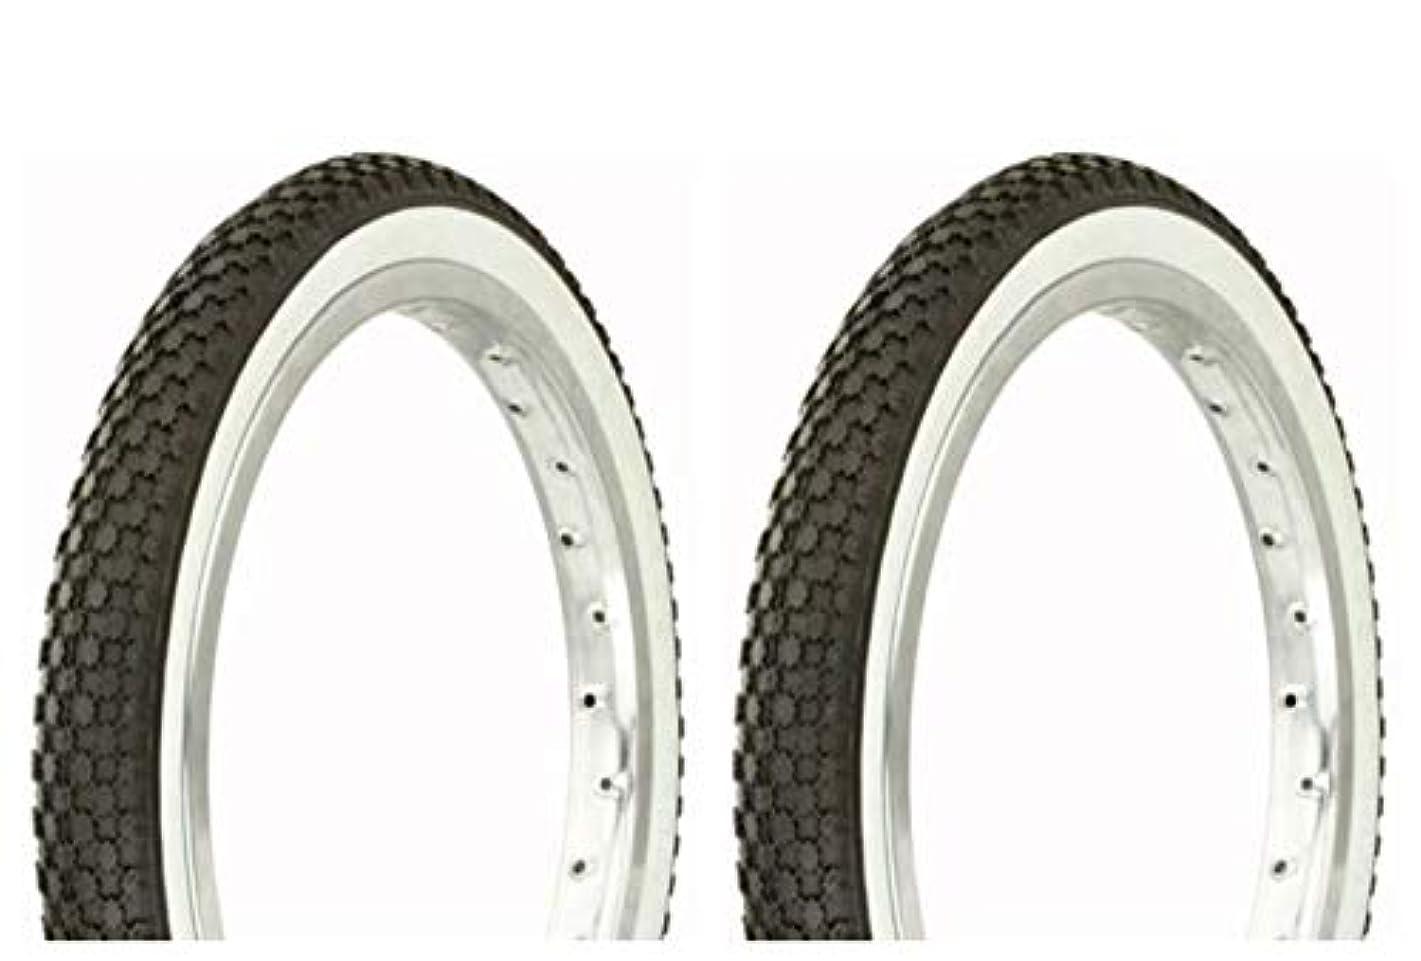 コンパニオンクリケット認知Lowrider タイヤセット 2タイヤ 2タイヤ デュロ 16インチ x 1.75インチ ブラック/ホワイト サイドウォール HF-146 自転車タイヤ 自転車タイヤ キッズバイクタイヤ 自転車タイヤ BMXバイクタイヤ